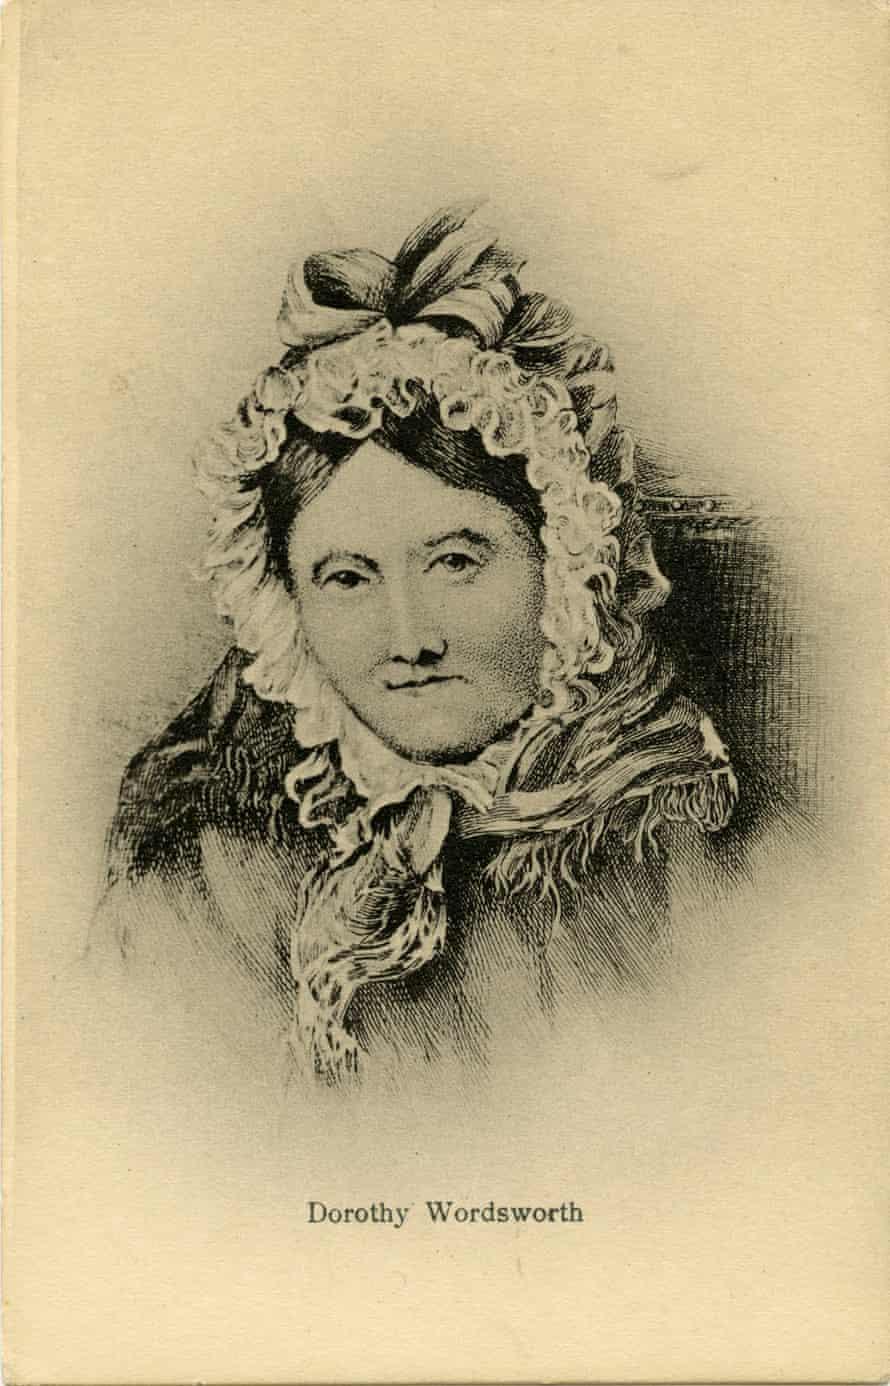 'Shy, occluded brilliance': Dorothy Wordsworth circa 1850